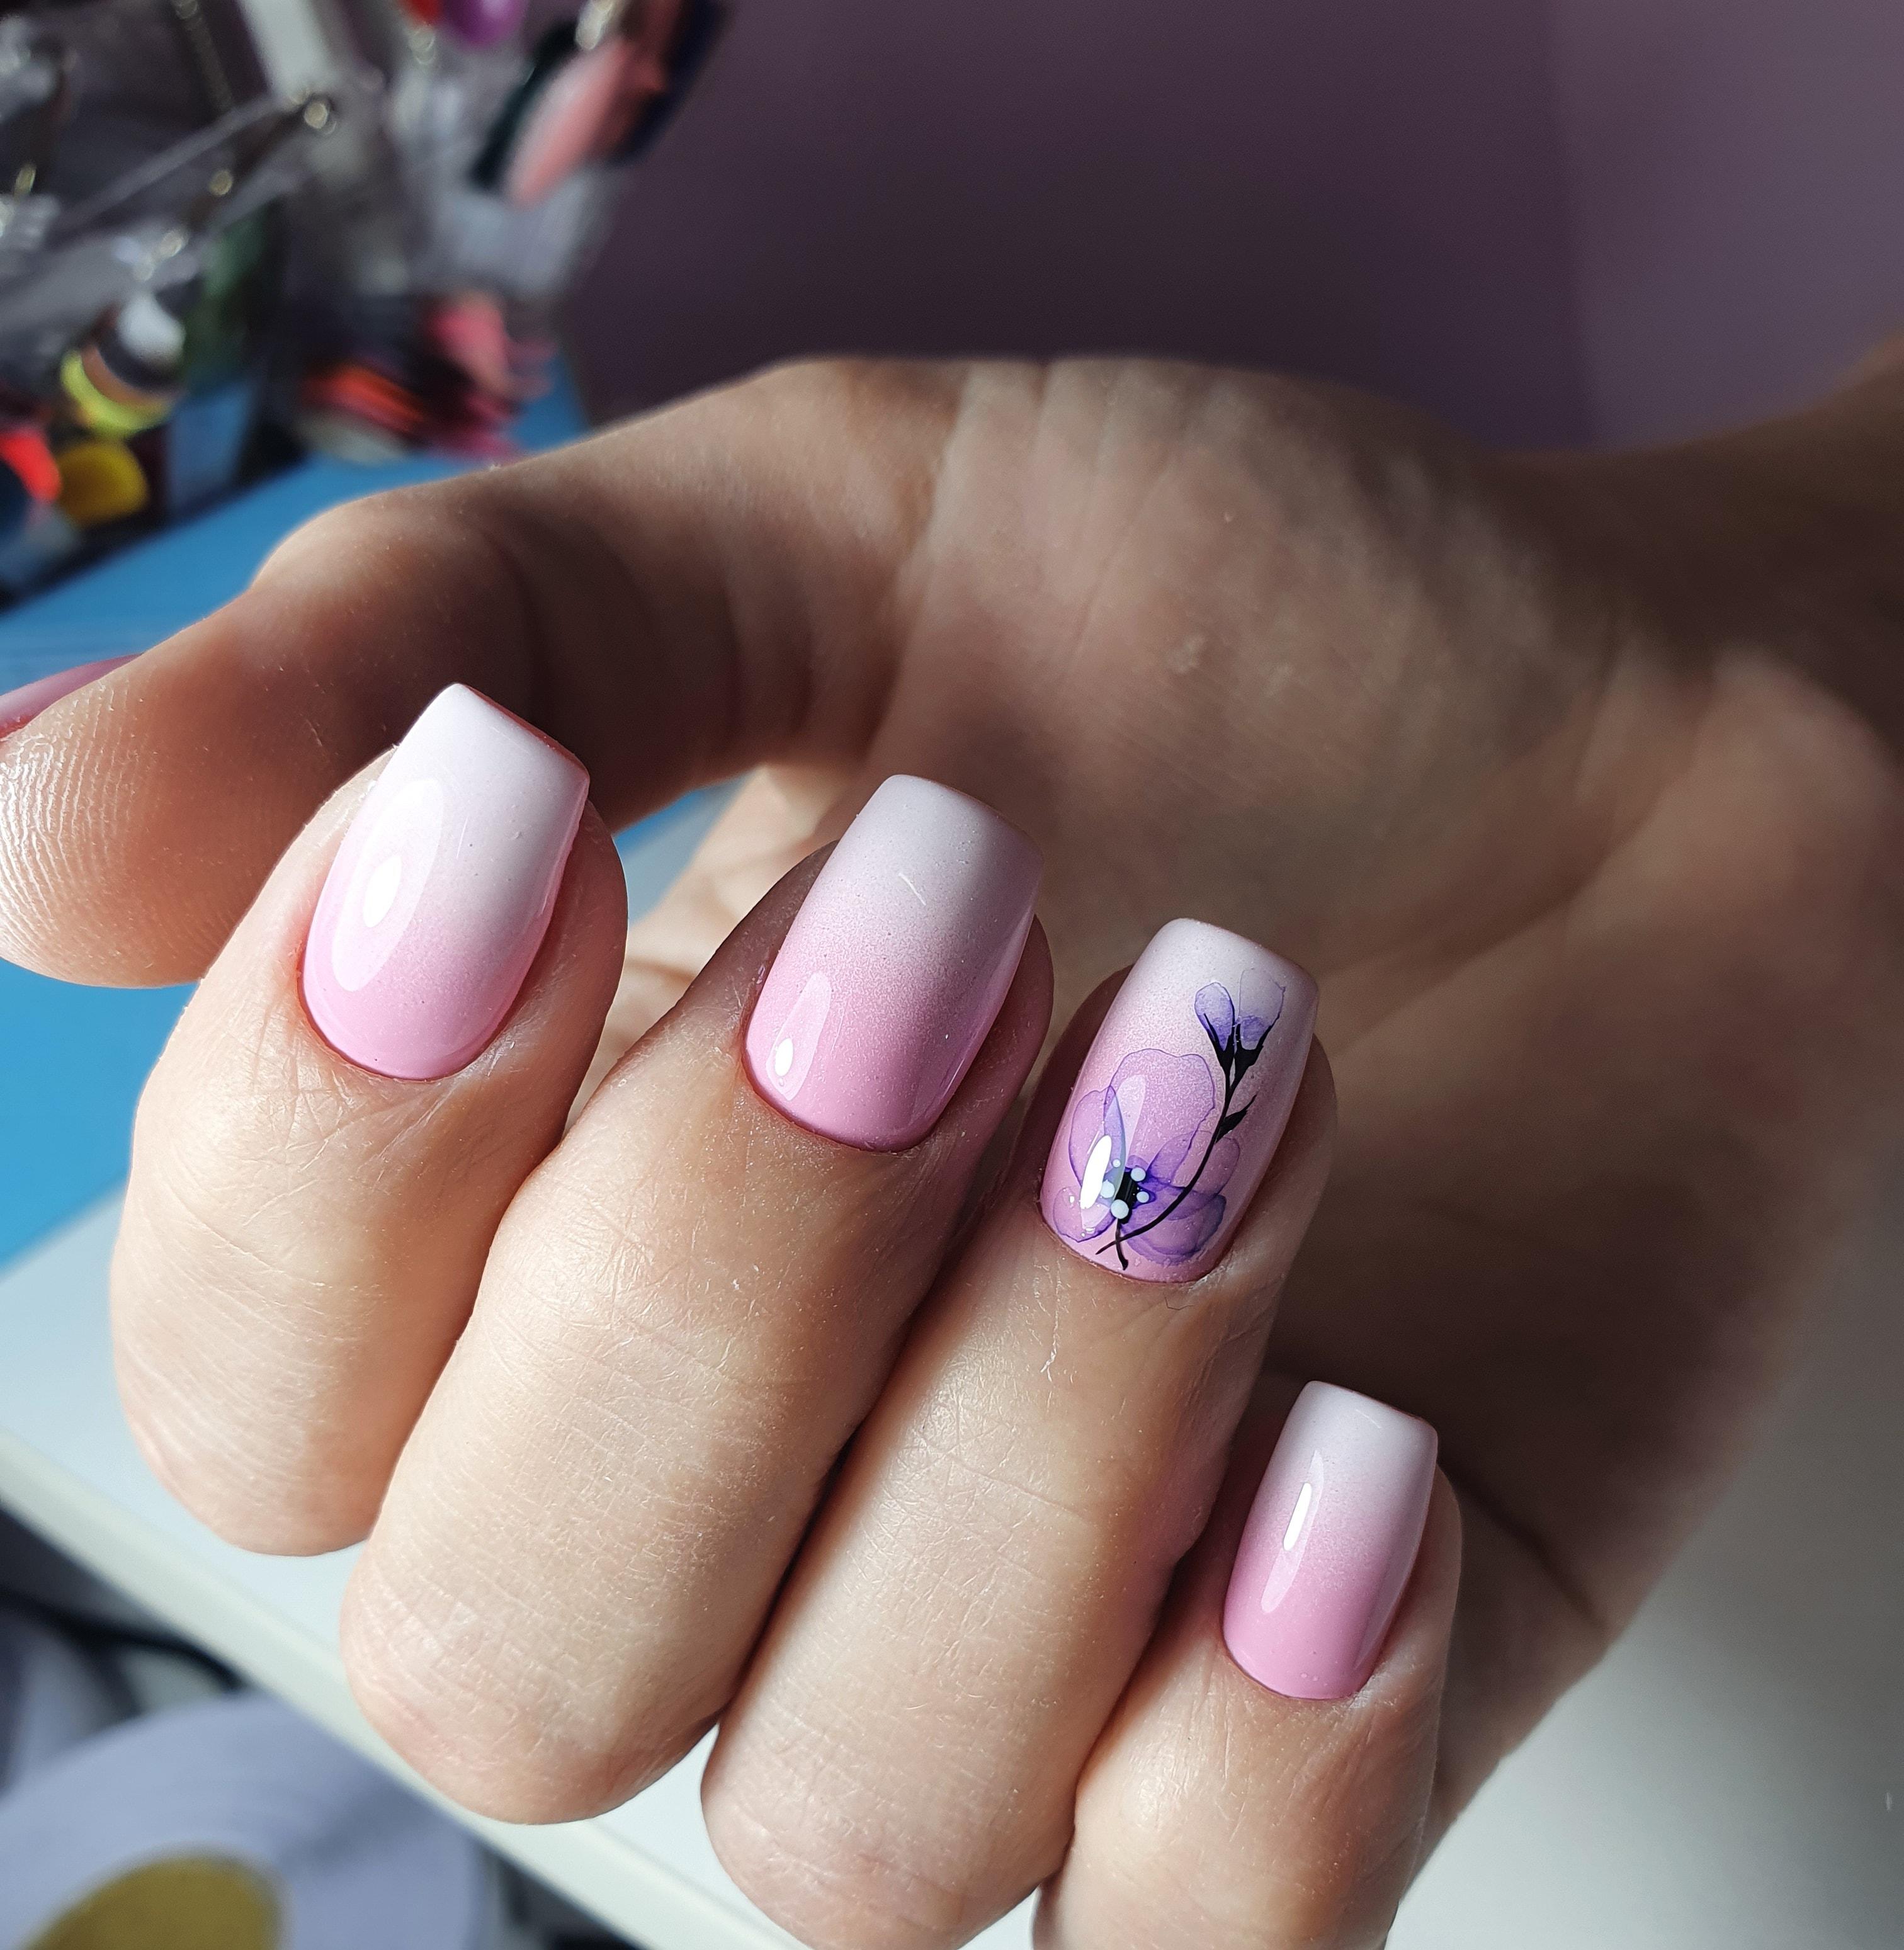 Маникюр с акварельным цветочным рисунком и градиентом в розовом цвете на короткие ногти.